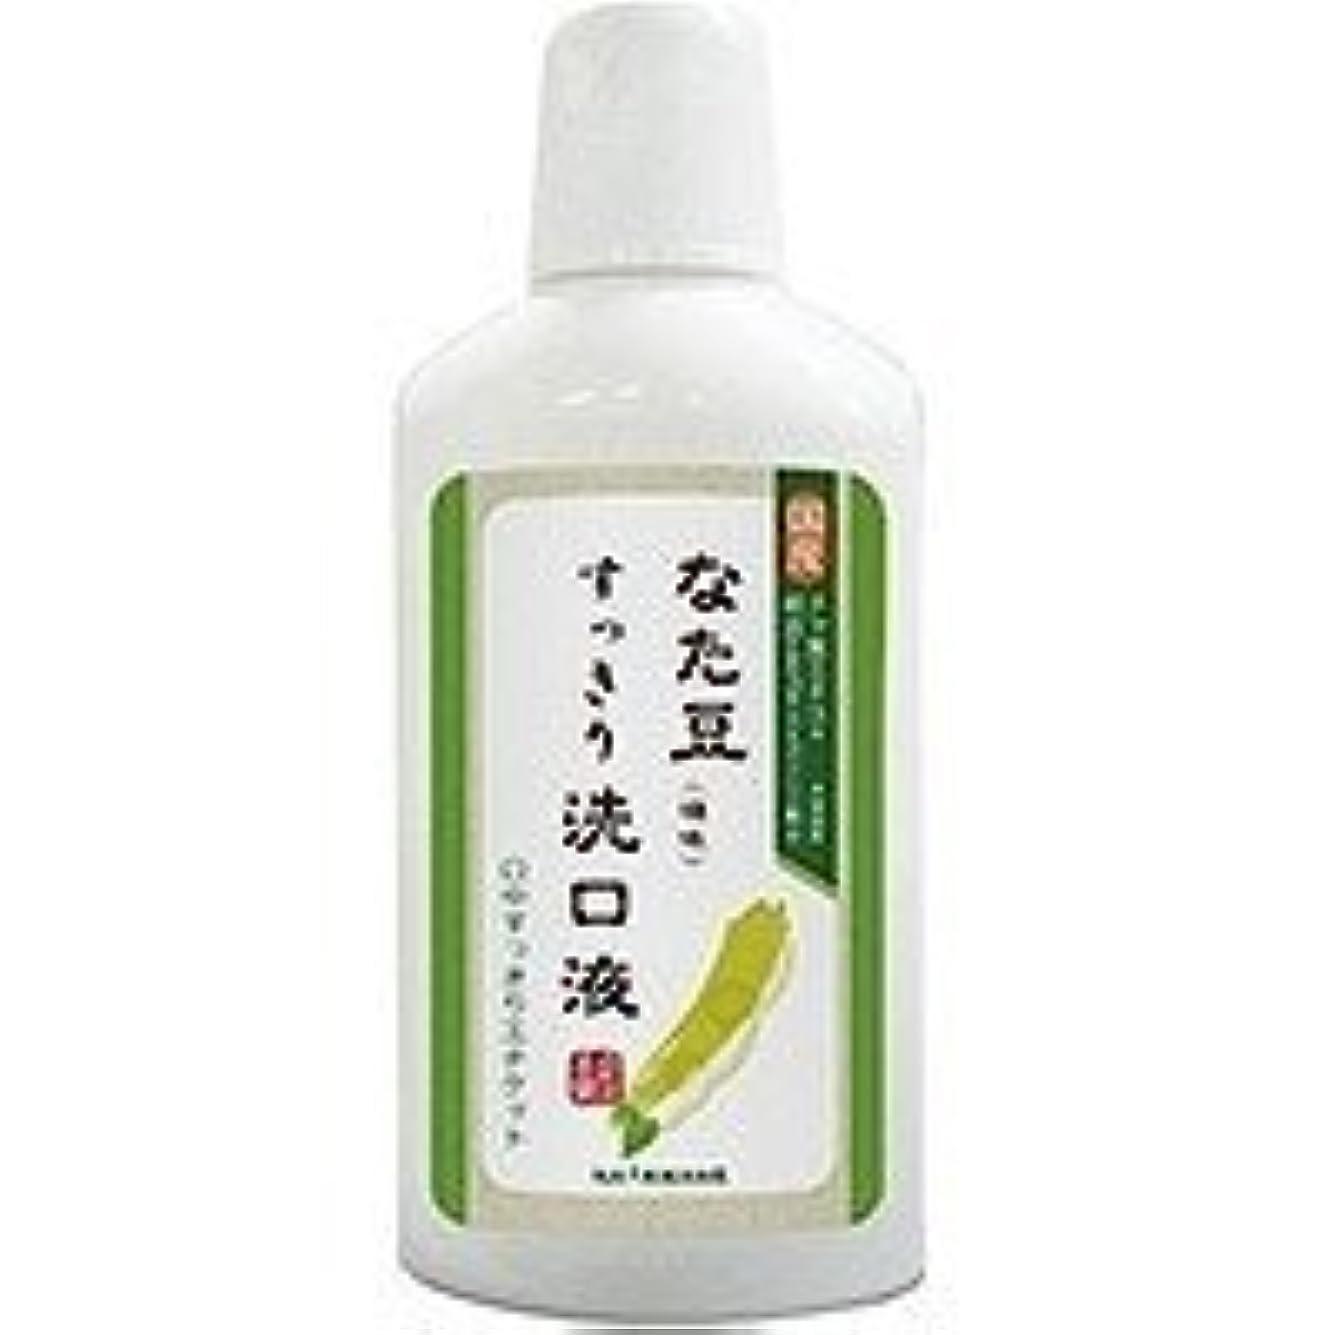 リーズ規制ドライバ株式会社三和通商 なた豆 すっきり 洗口液(500ml)